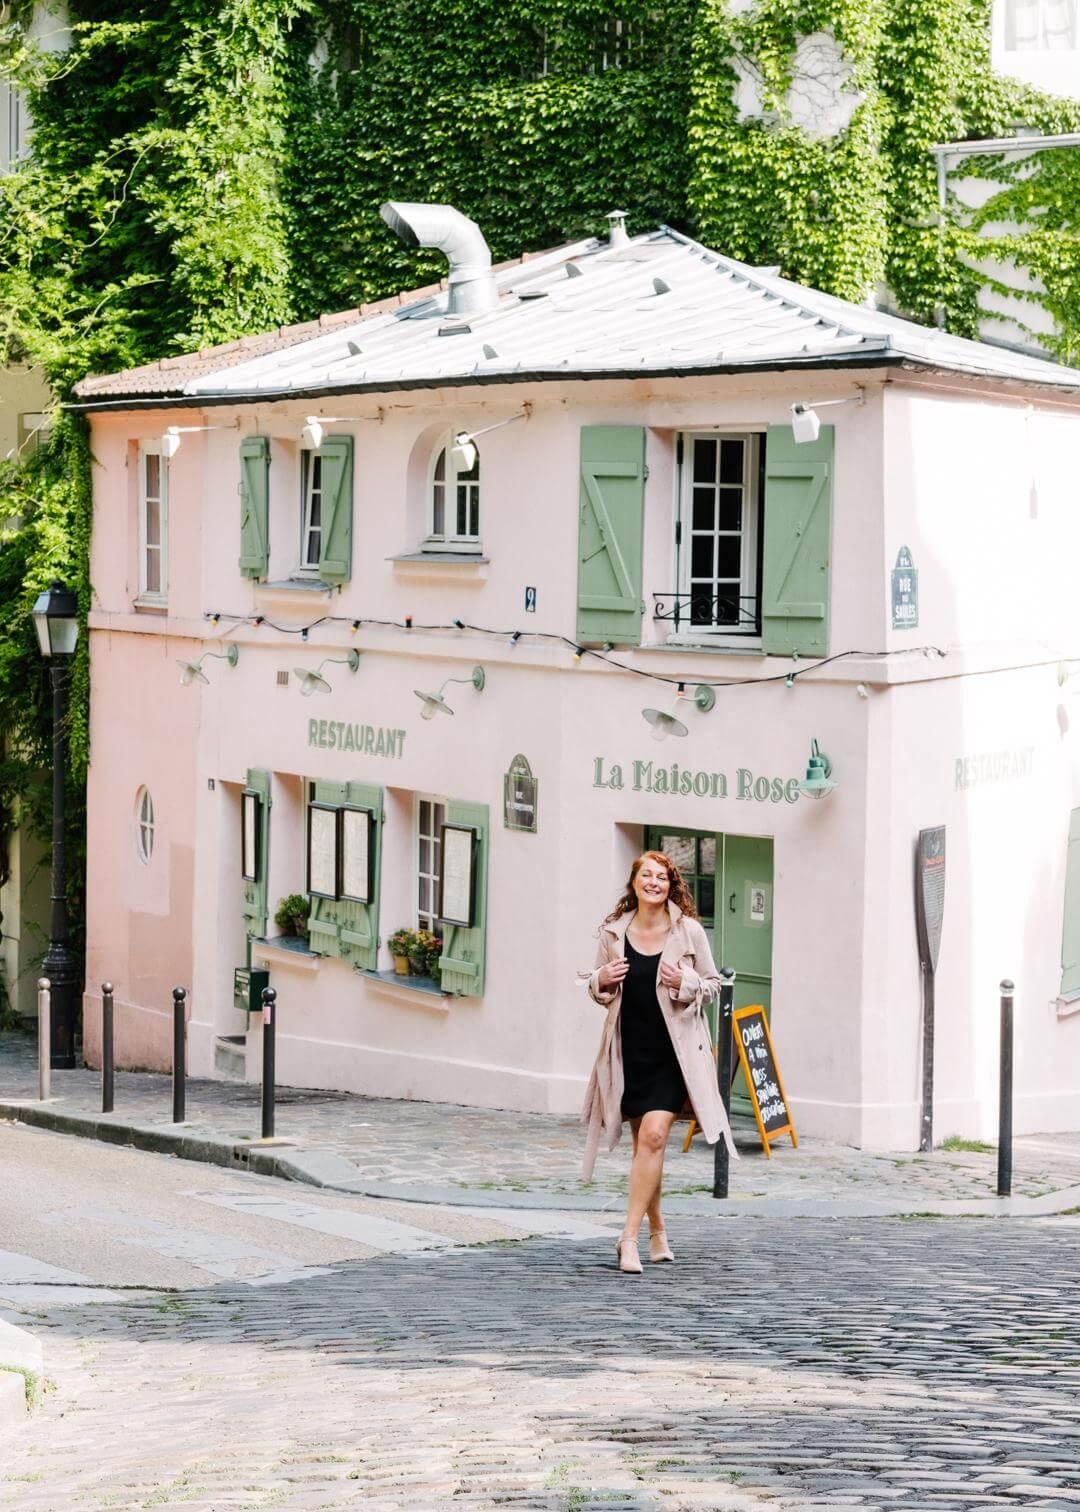 Schönste Fotolocations im Montmartre Paris La Maison Rose styleREBELLES